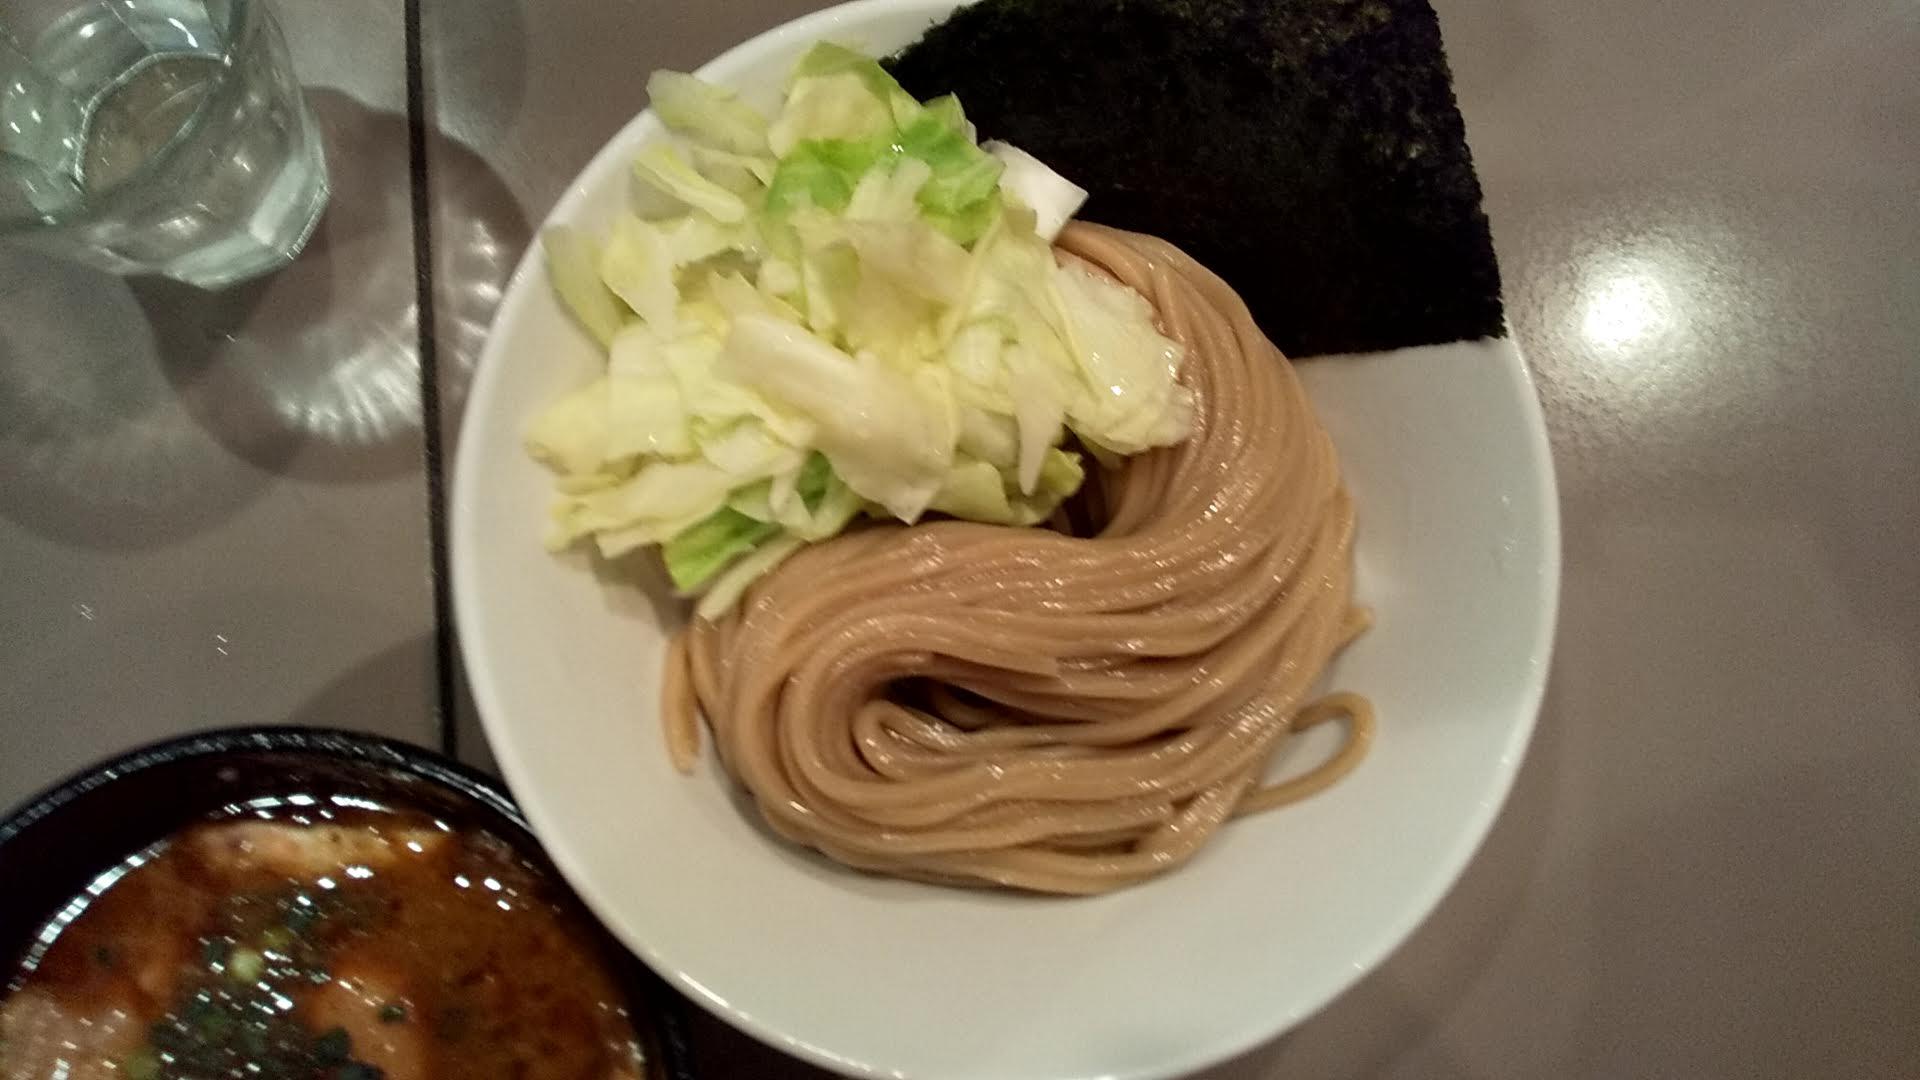 五ノ神製作所の海老つけ麺の麺皿